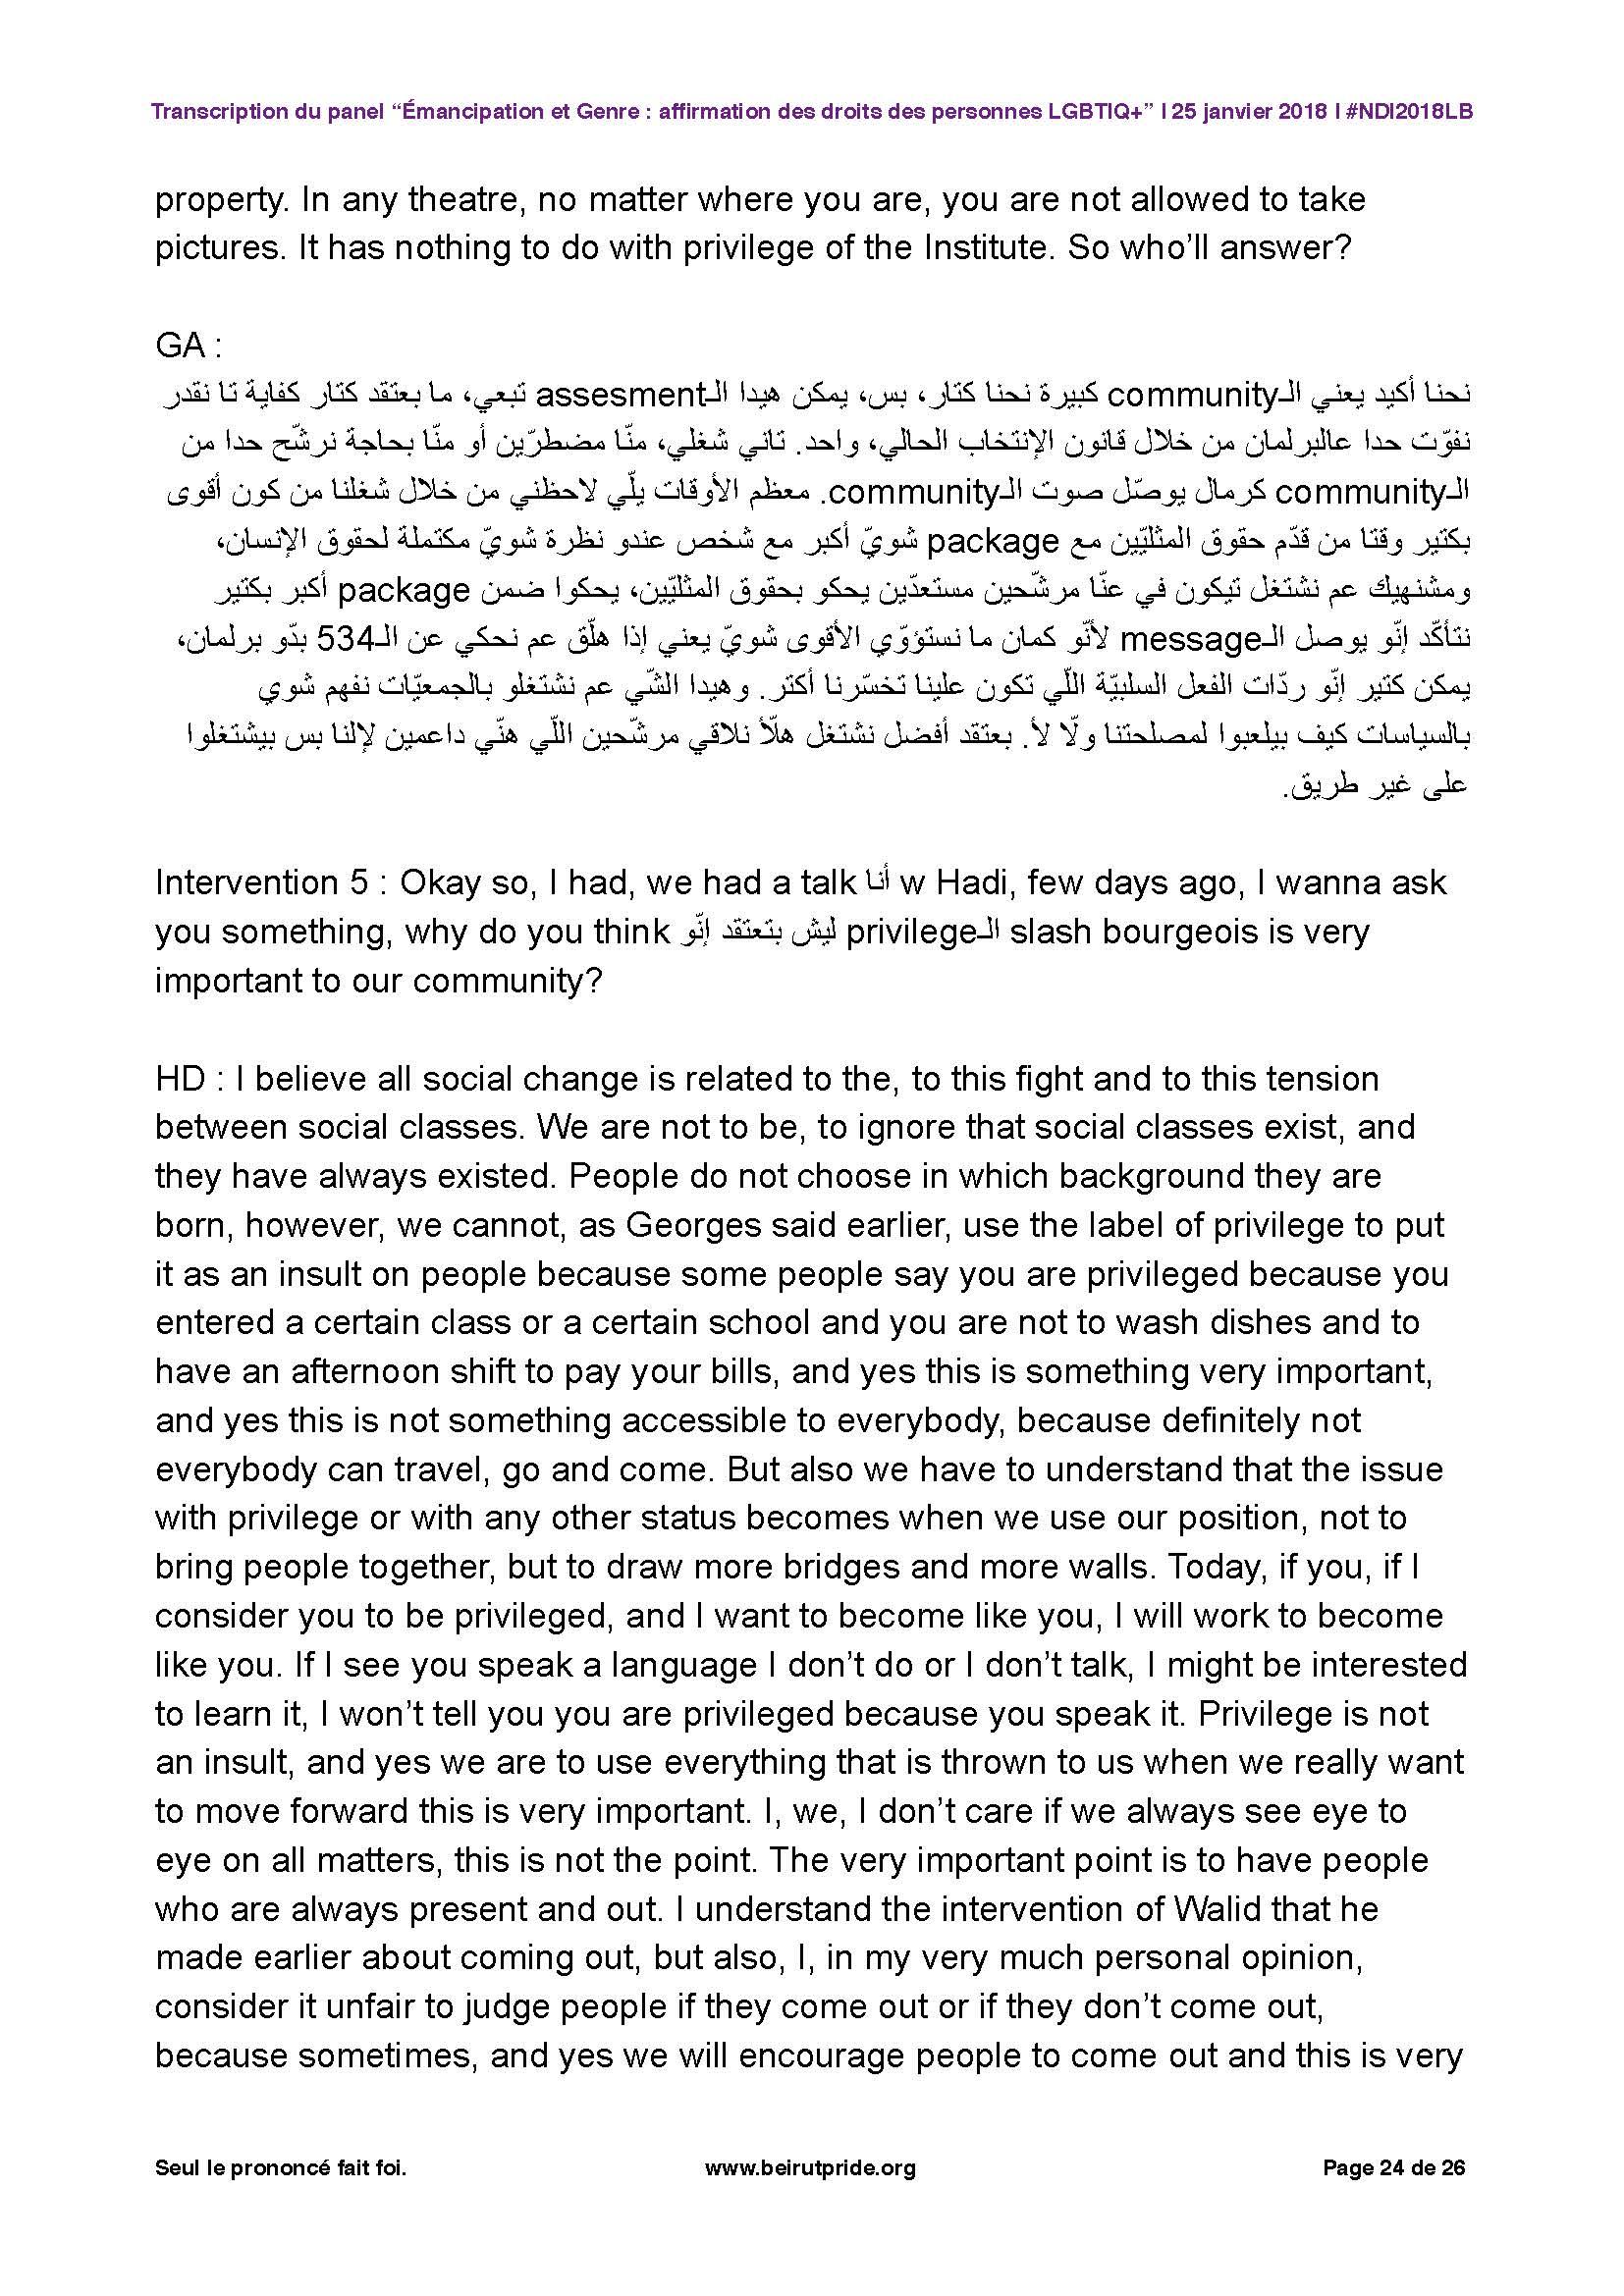 Transcription Nuit des idées 2018_Page_24.jpg